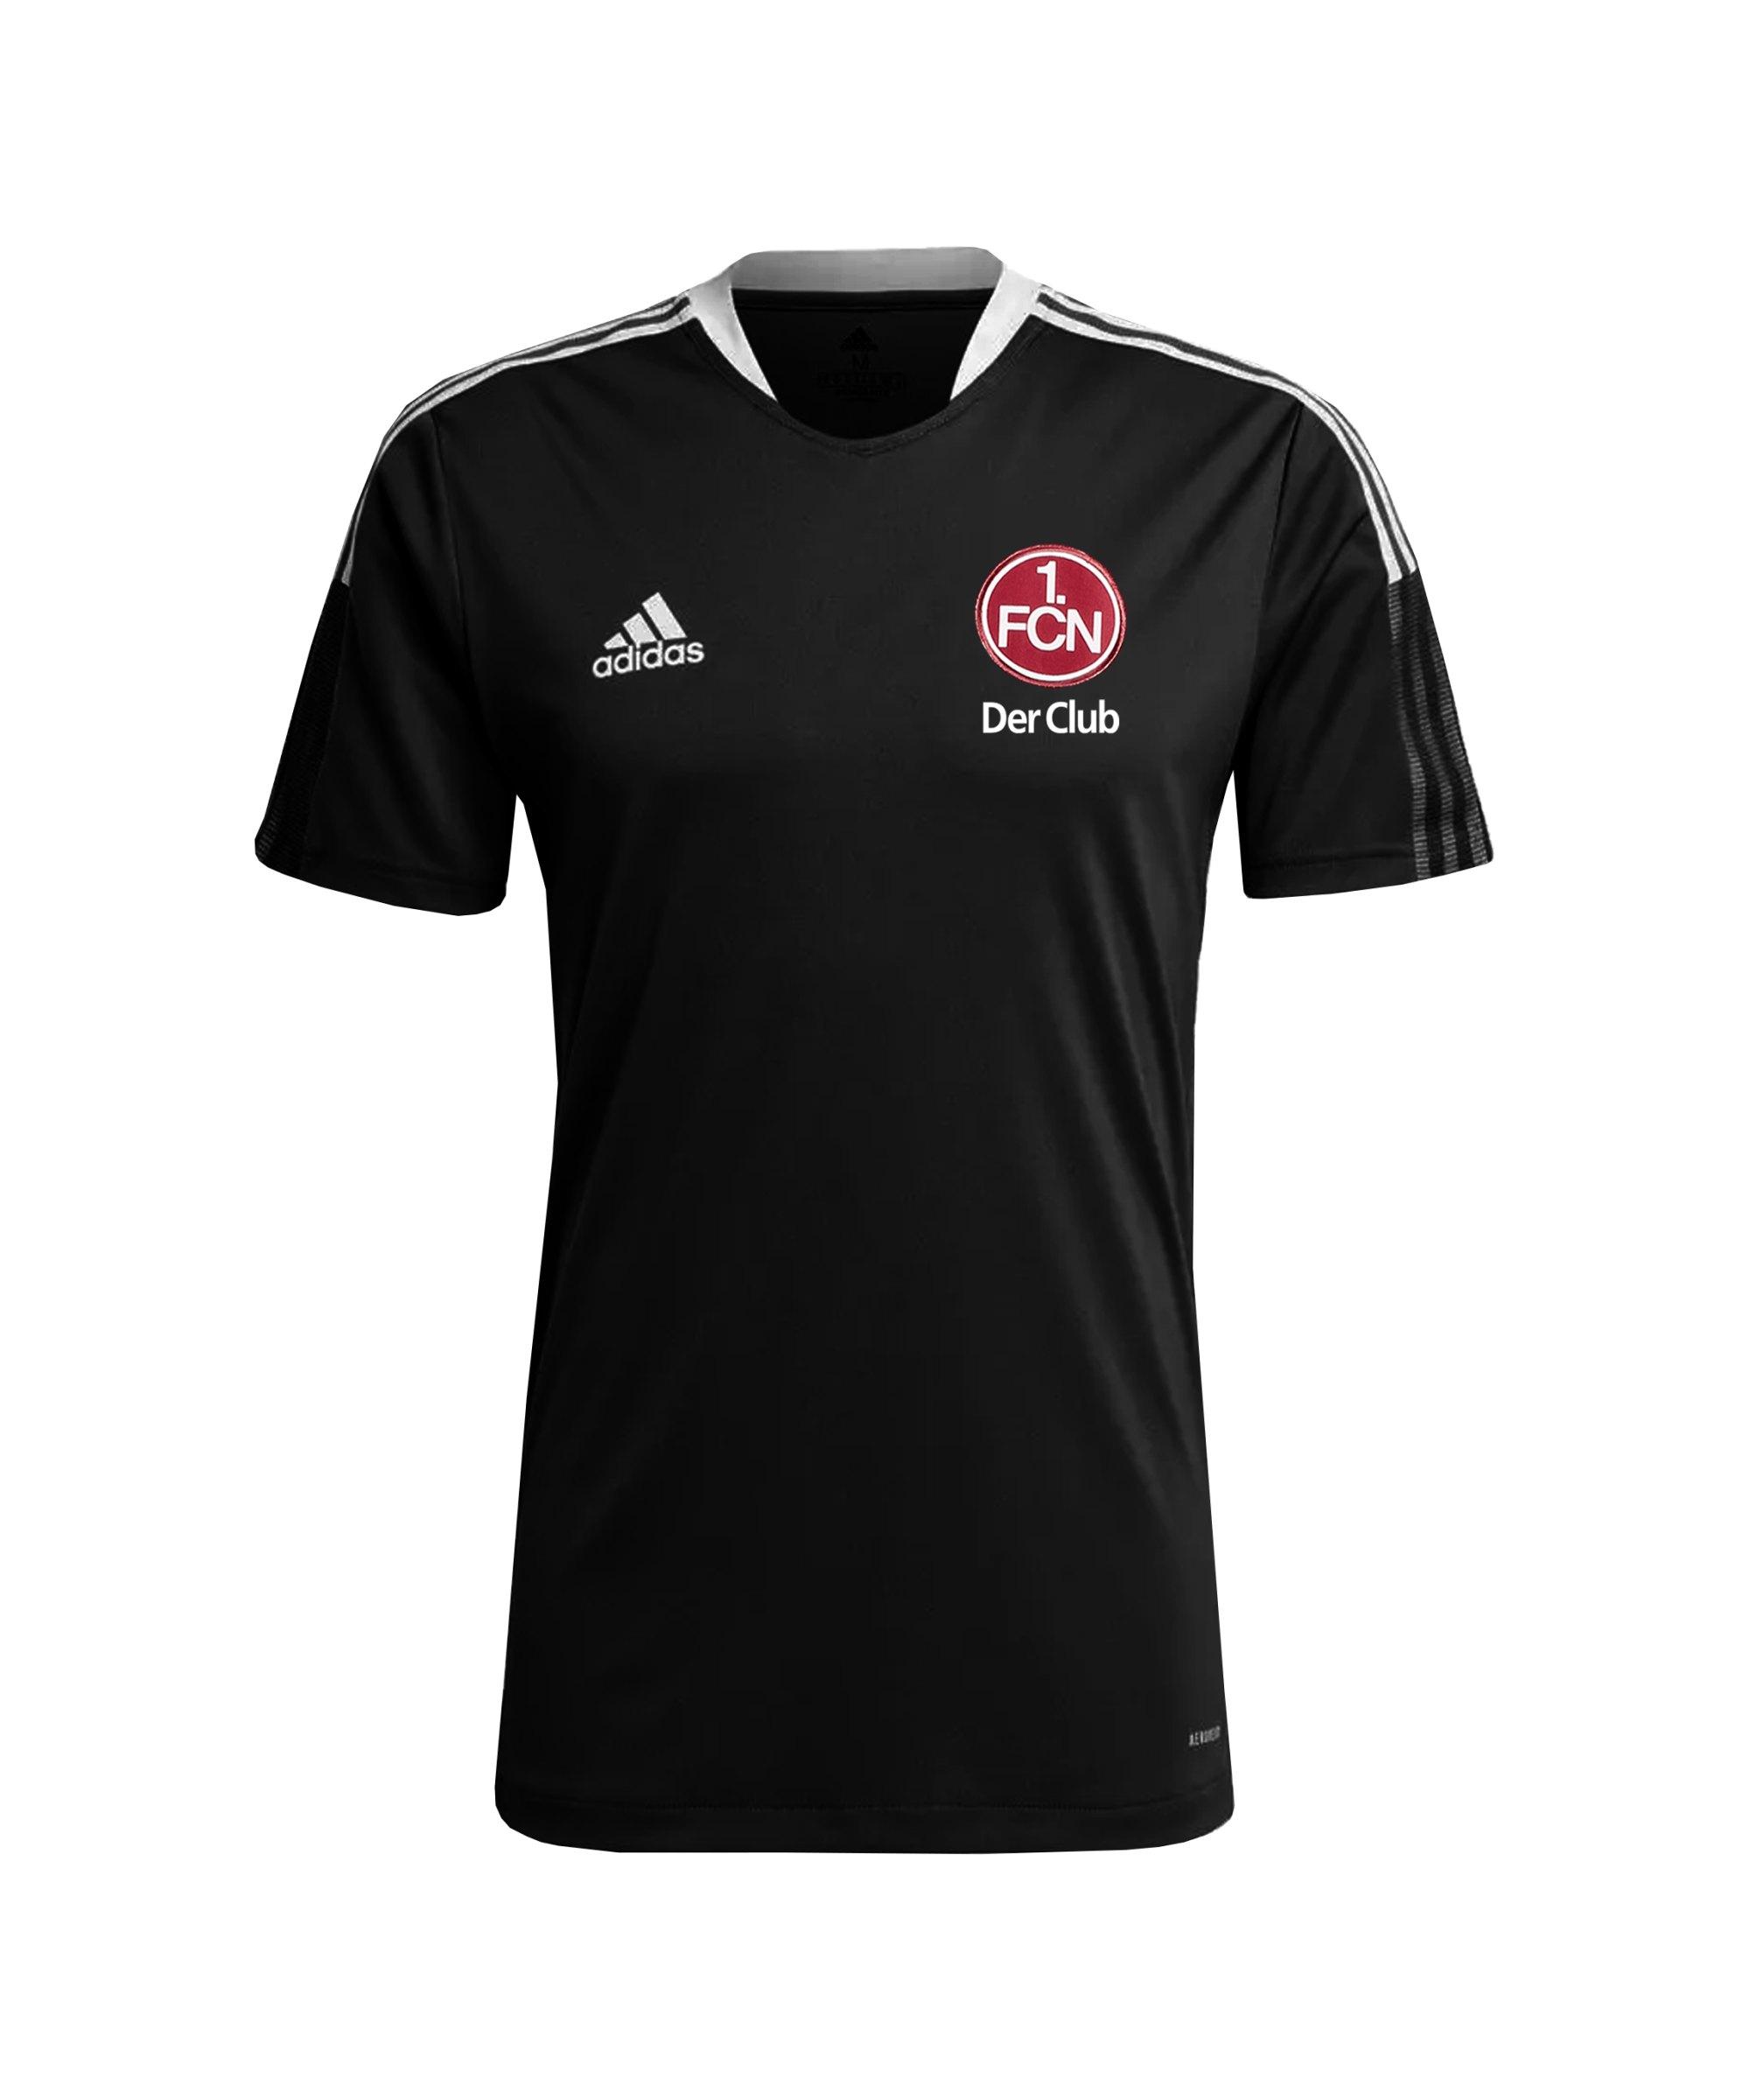 adidas 1. FC Nürnberg Trainingsshirt Schwarz - schwarz